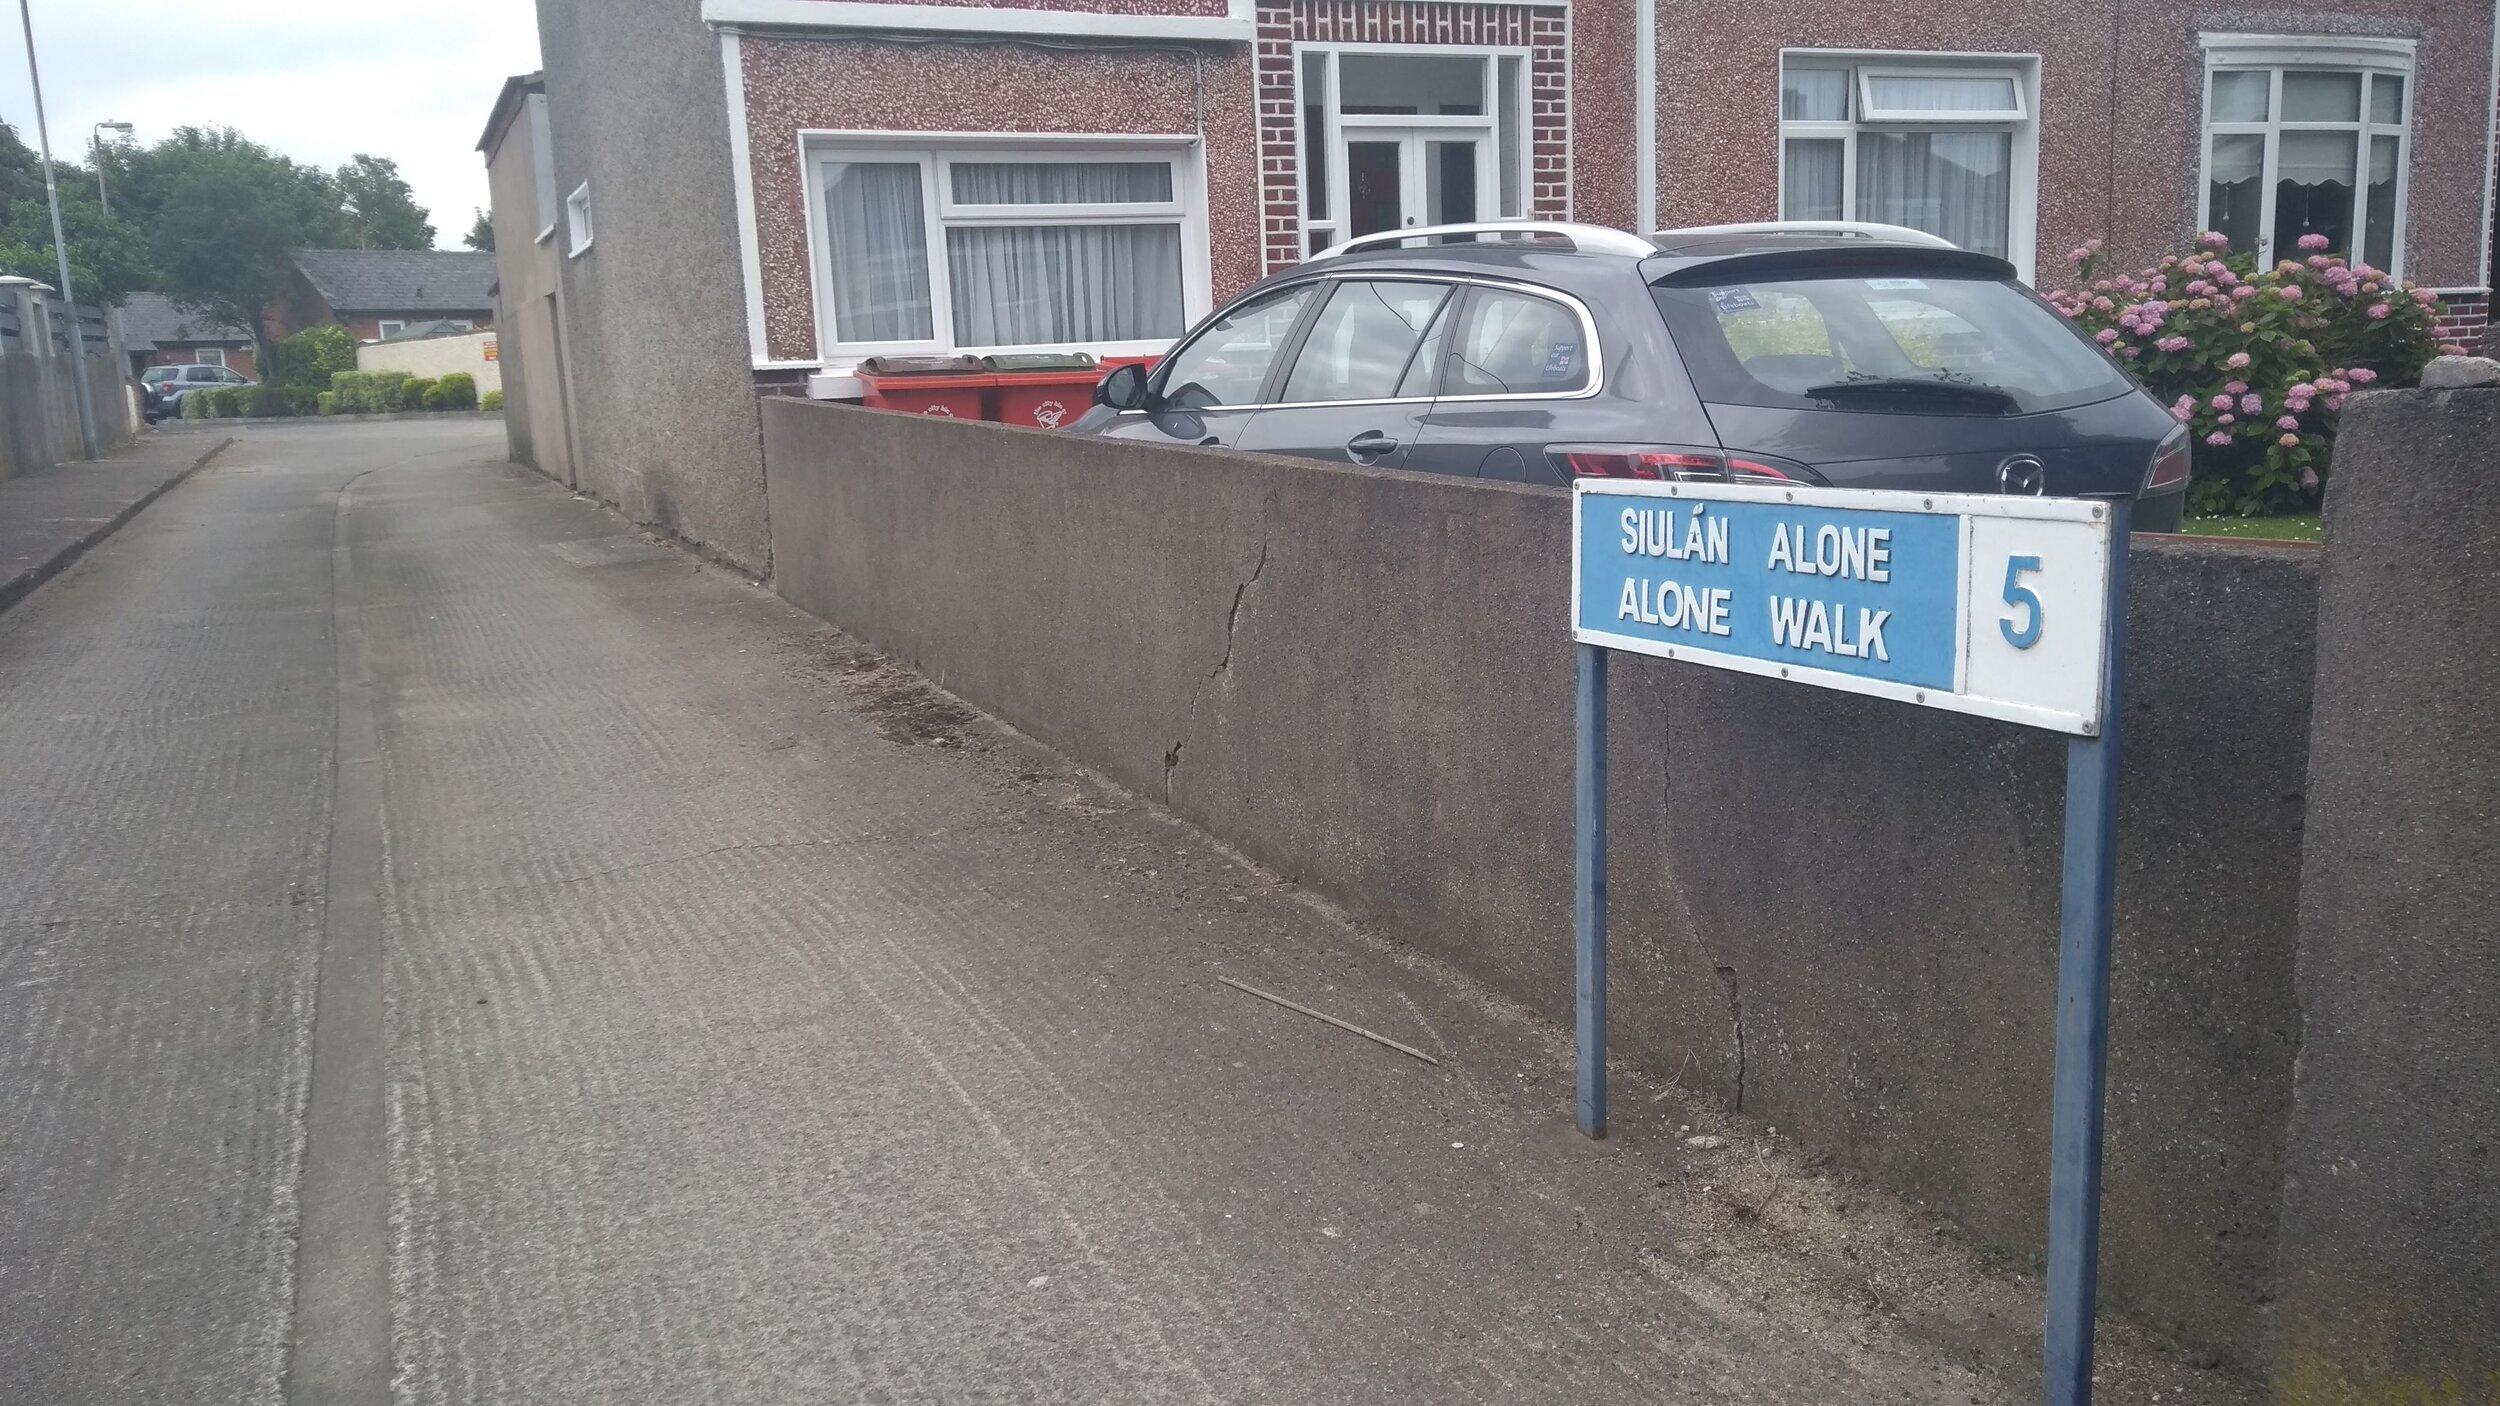 Alone Walk: A street in Artane, Dublin 5